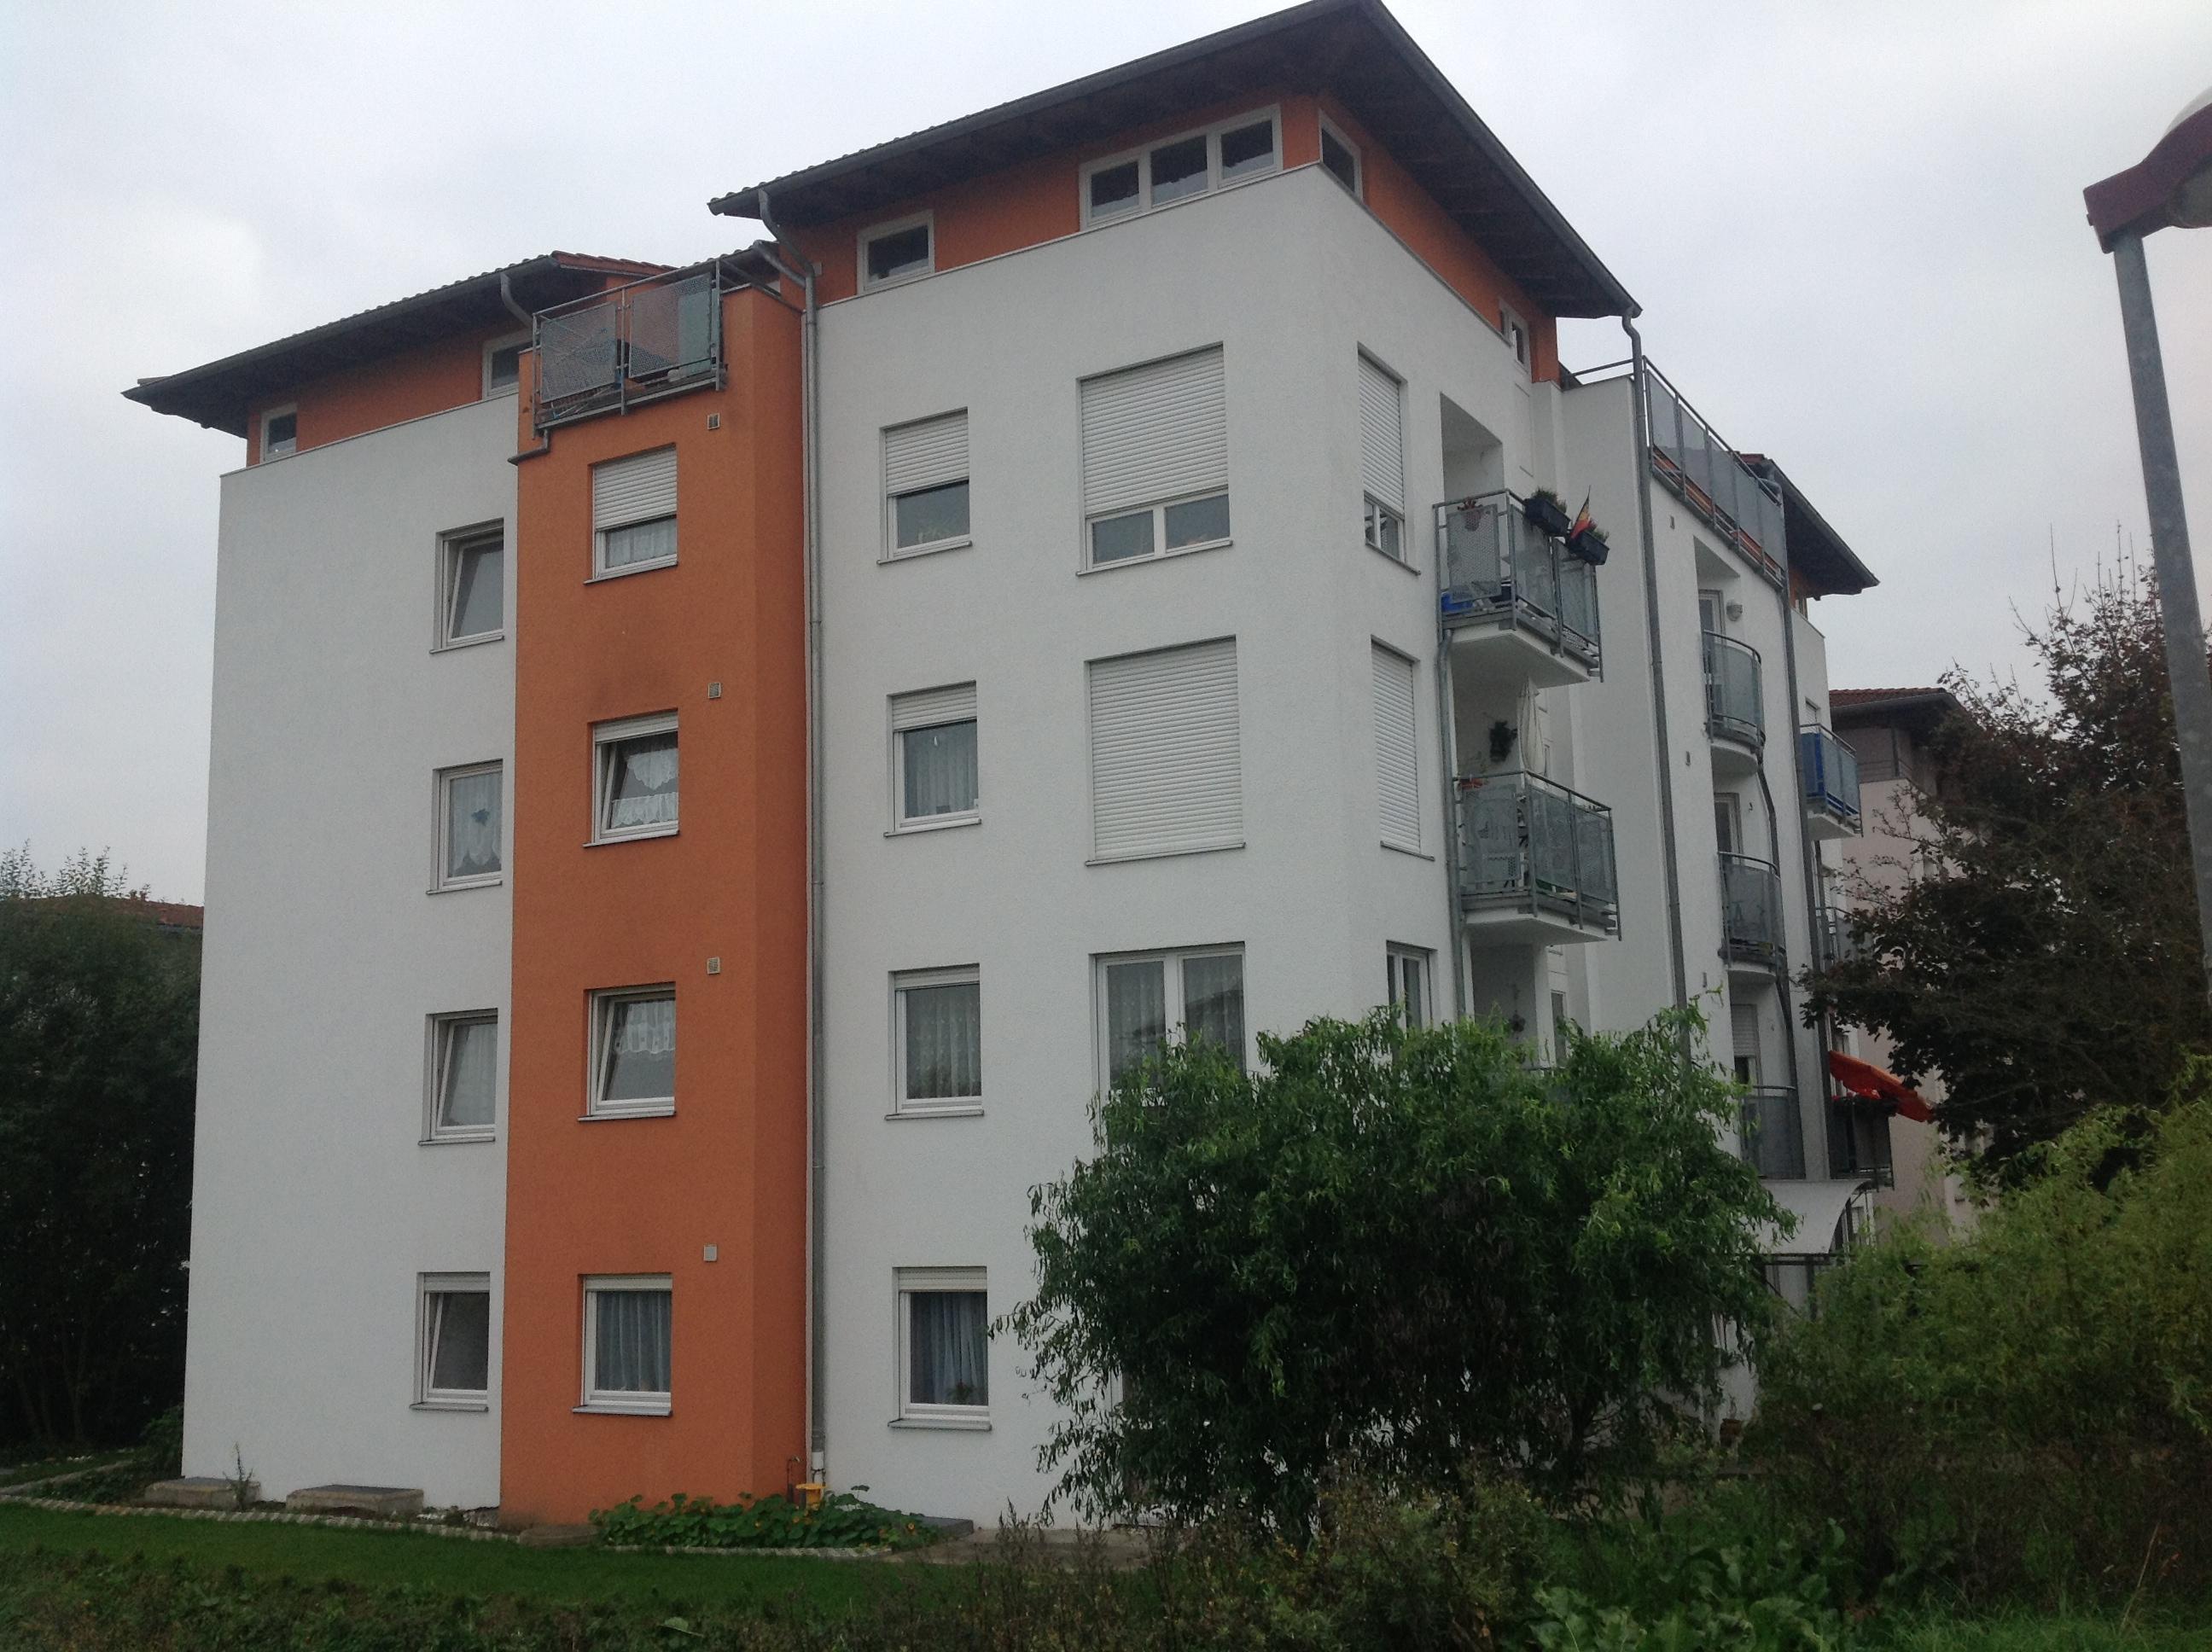 WEG Geschwister-Scholl-Str. 8, Plochingen